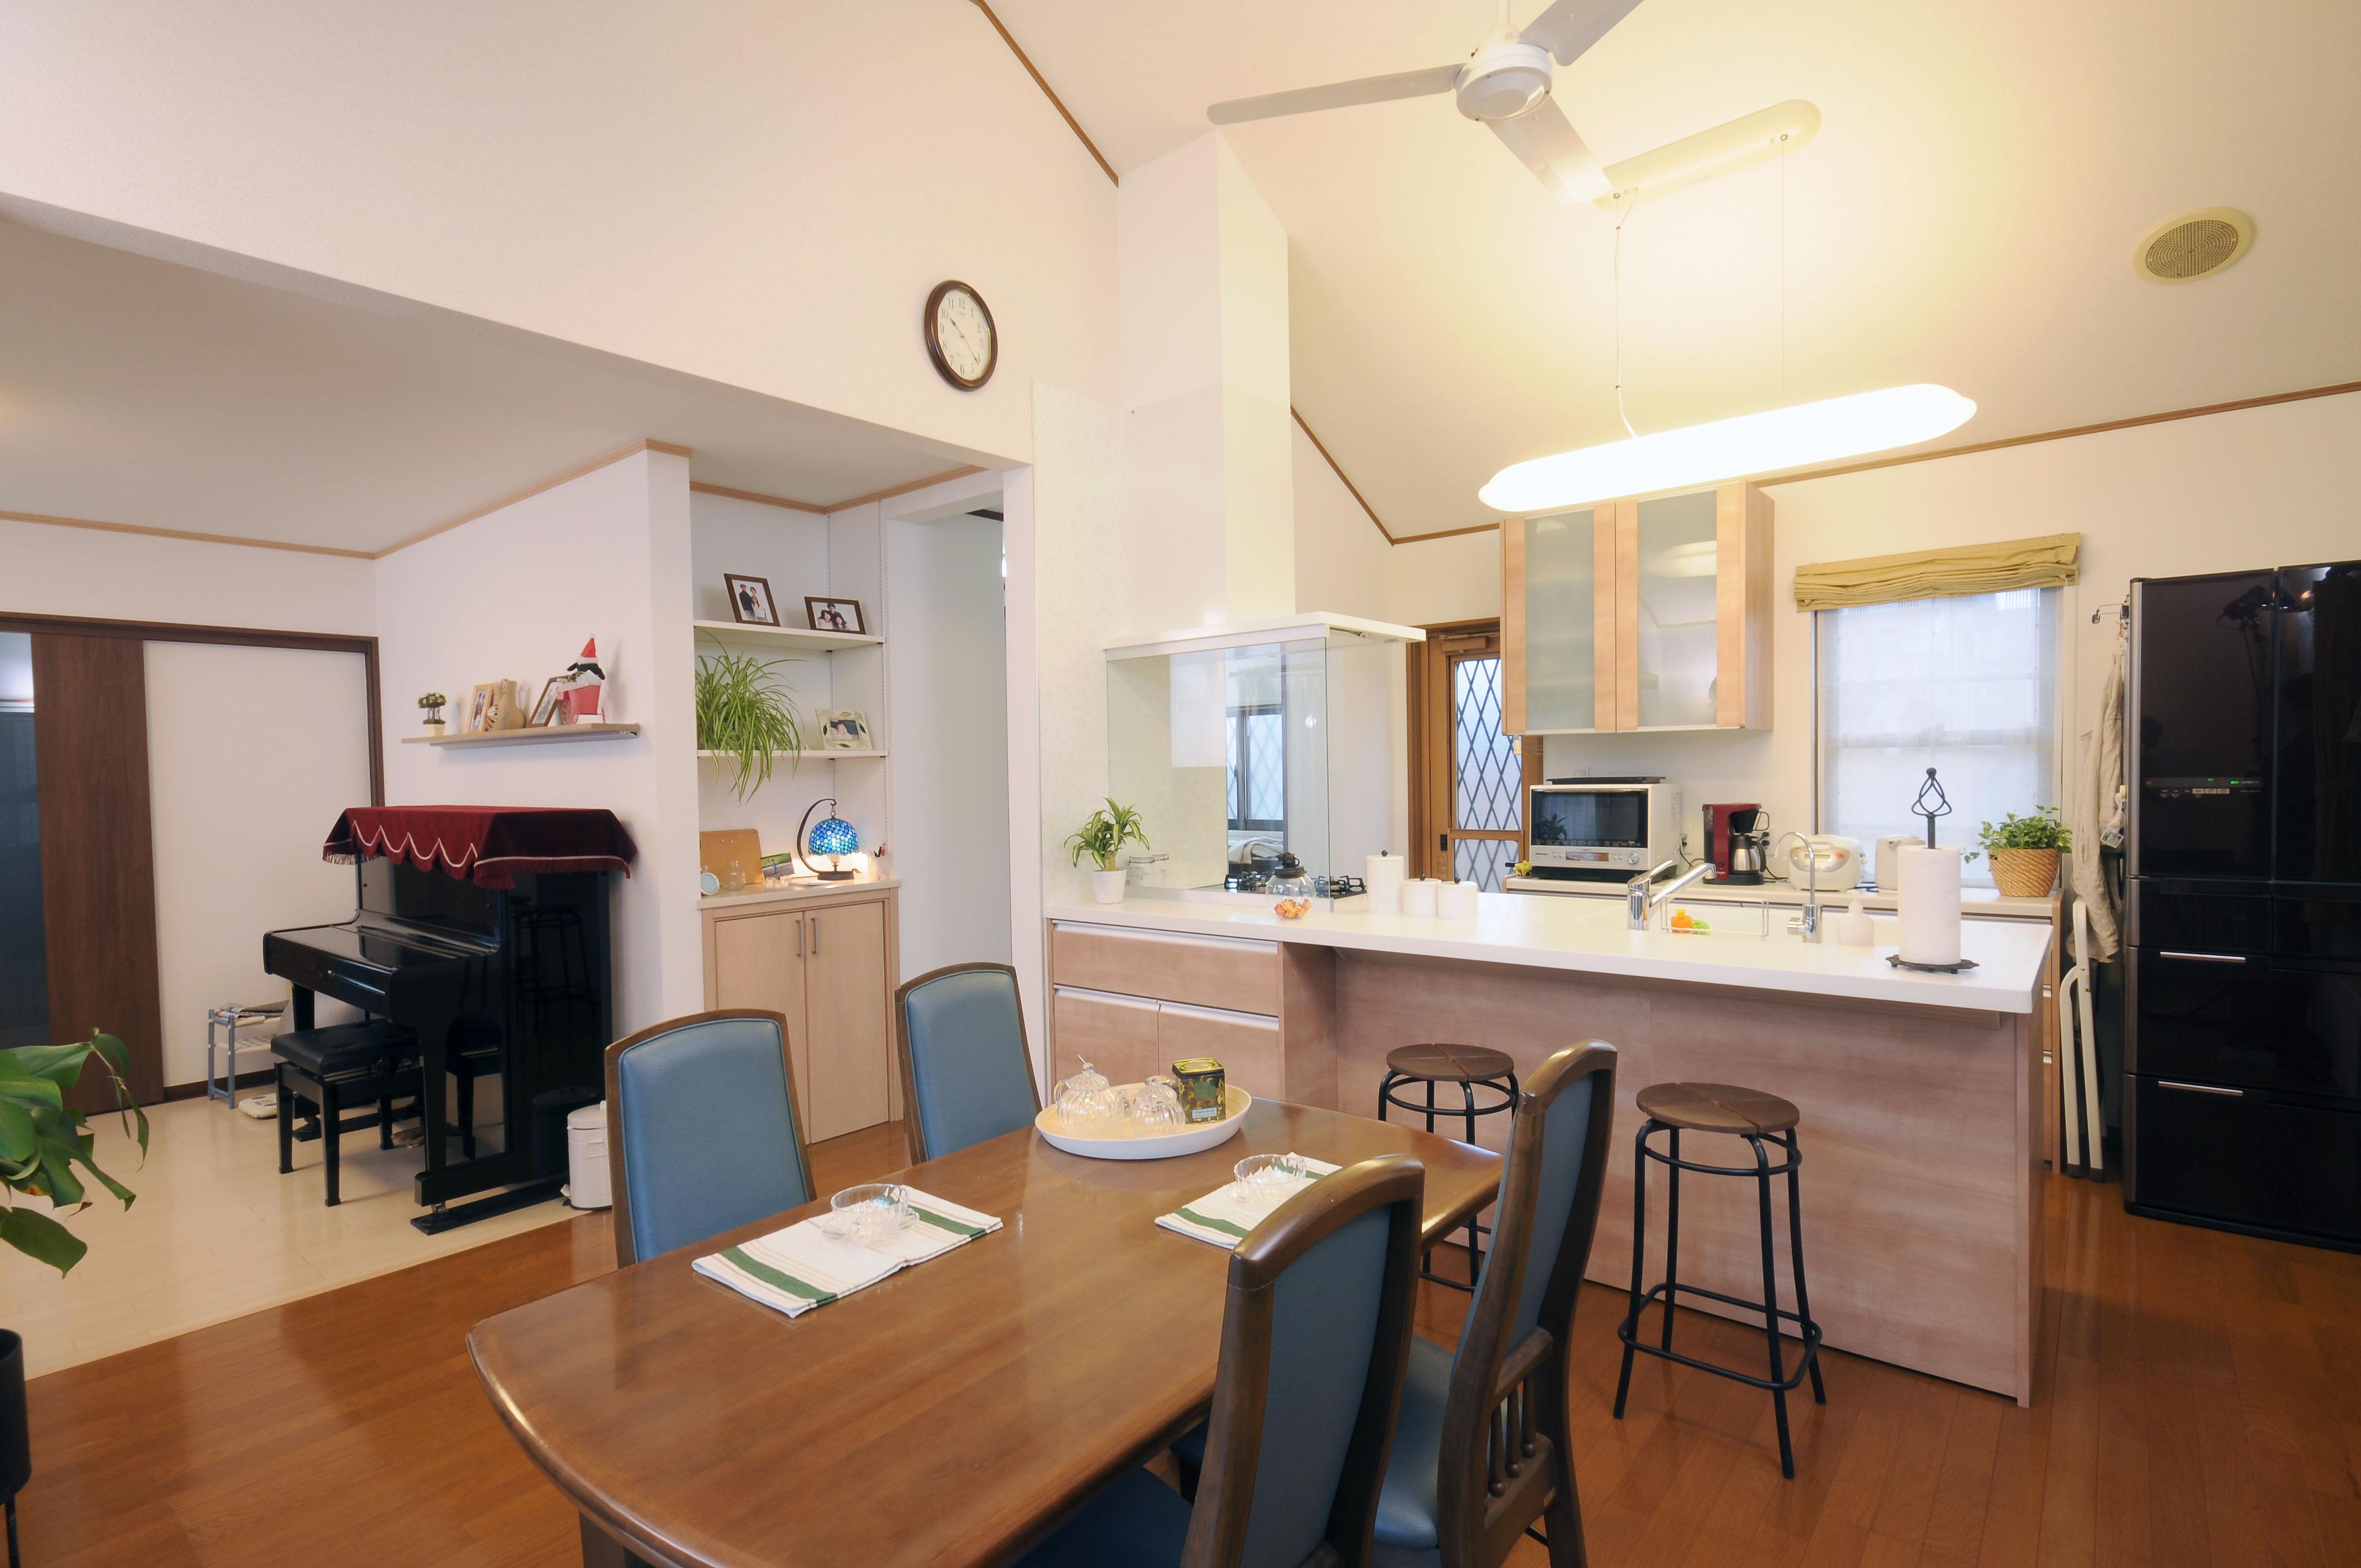 回遊性のある間取りで使い勝手がアップ!家族みんなで楽しく囲めるキッチンに。(M様邸)